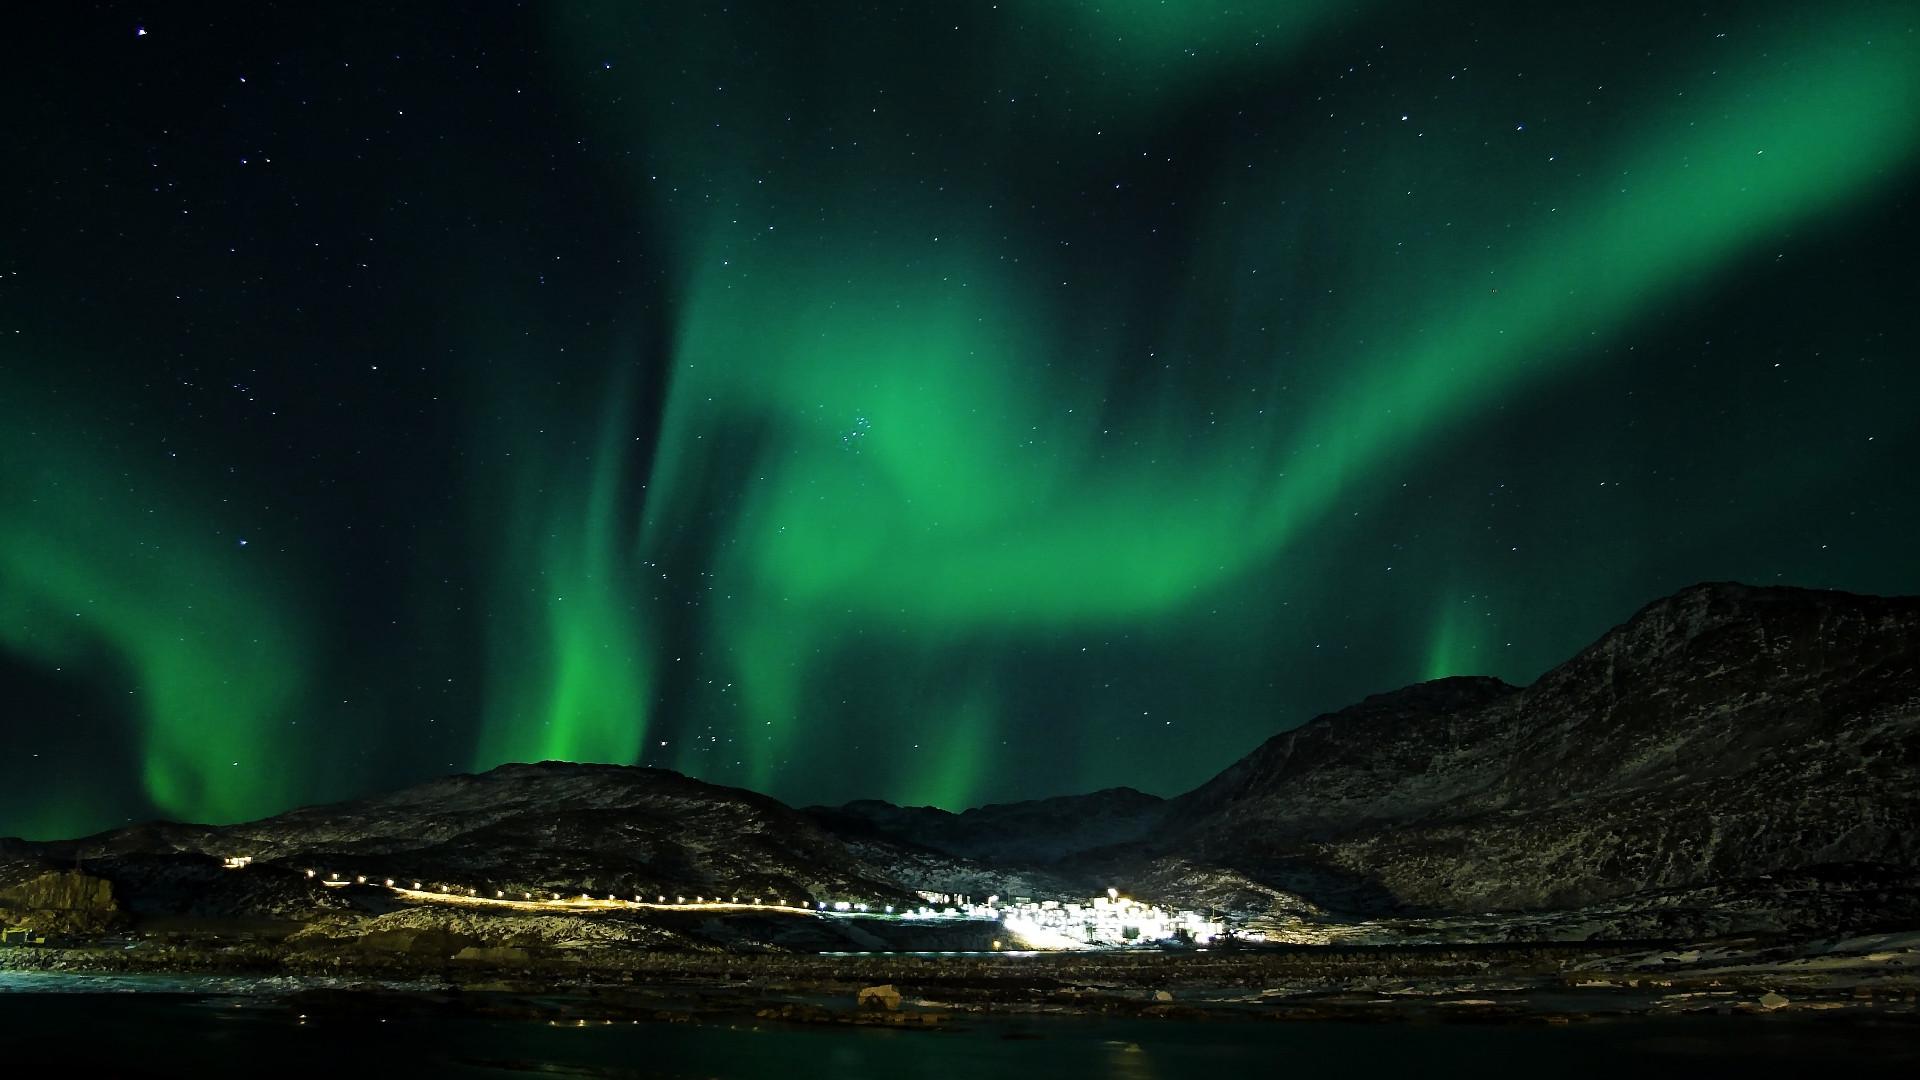 aurora borealis images. Â«Â«